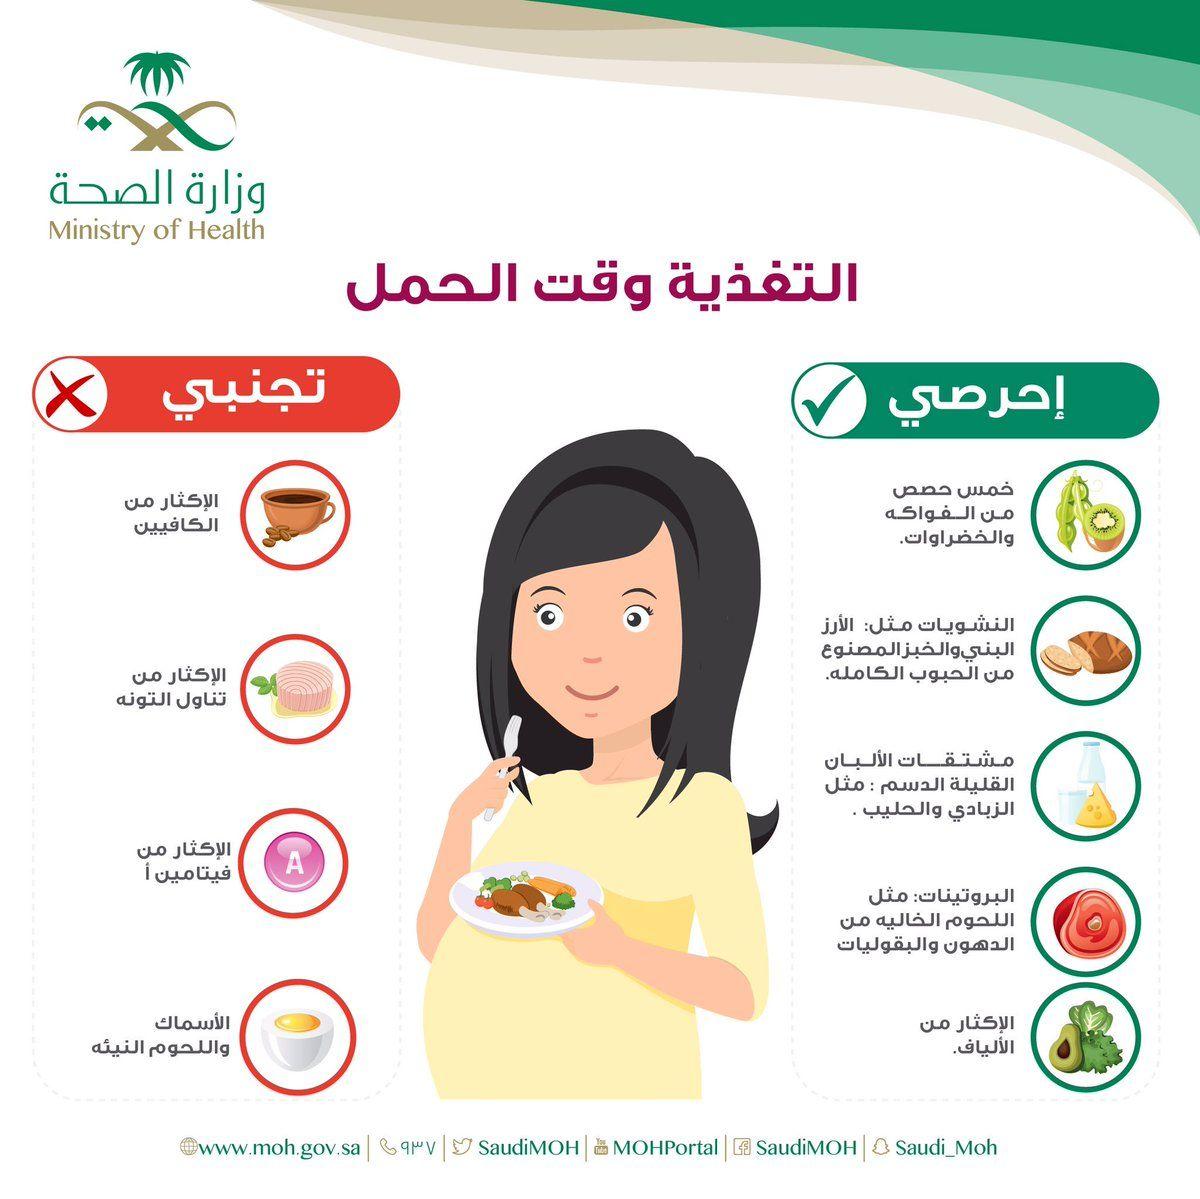 الحمل الحمل والولادة الحمل بولد الحمل التوأمي الحمل و الرضاعة الحمل ببنت الحمل مراحل الحمل والولادة الح Baby Progress Marriage Life Beauty Tips For Women